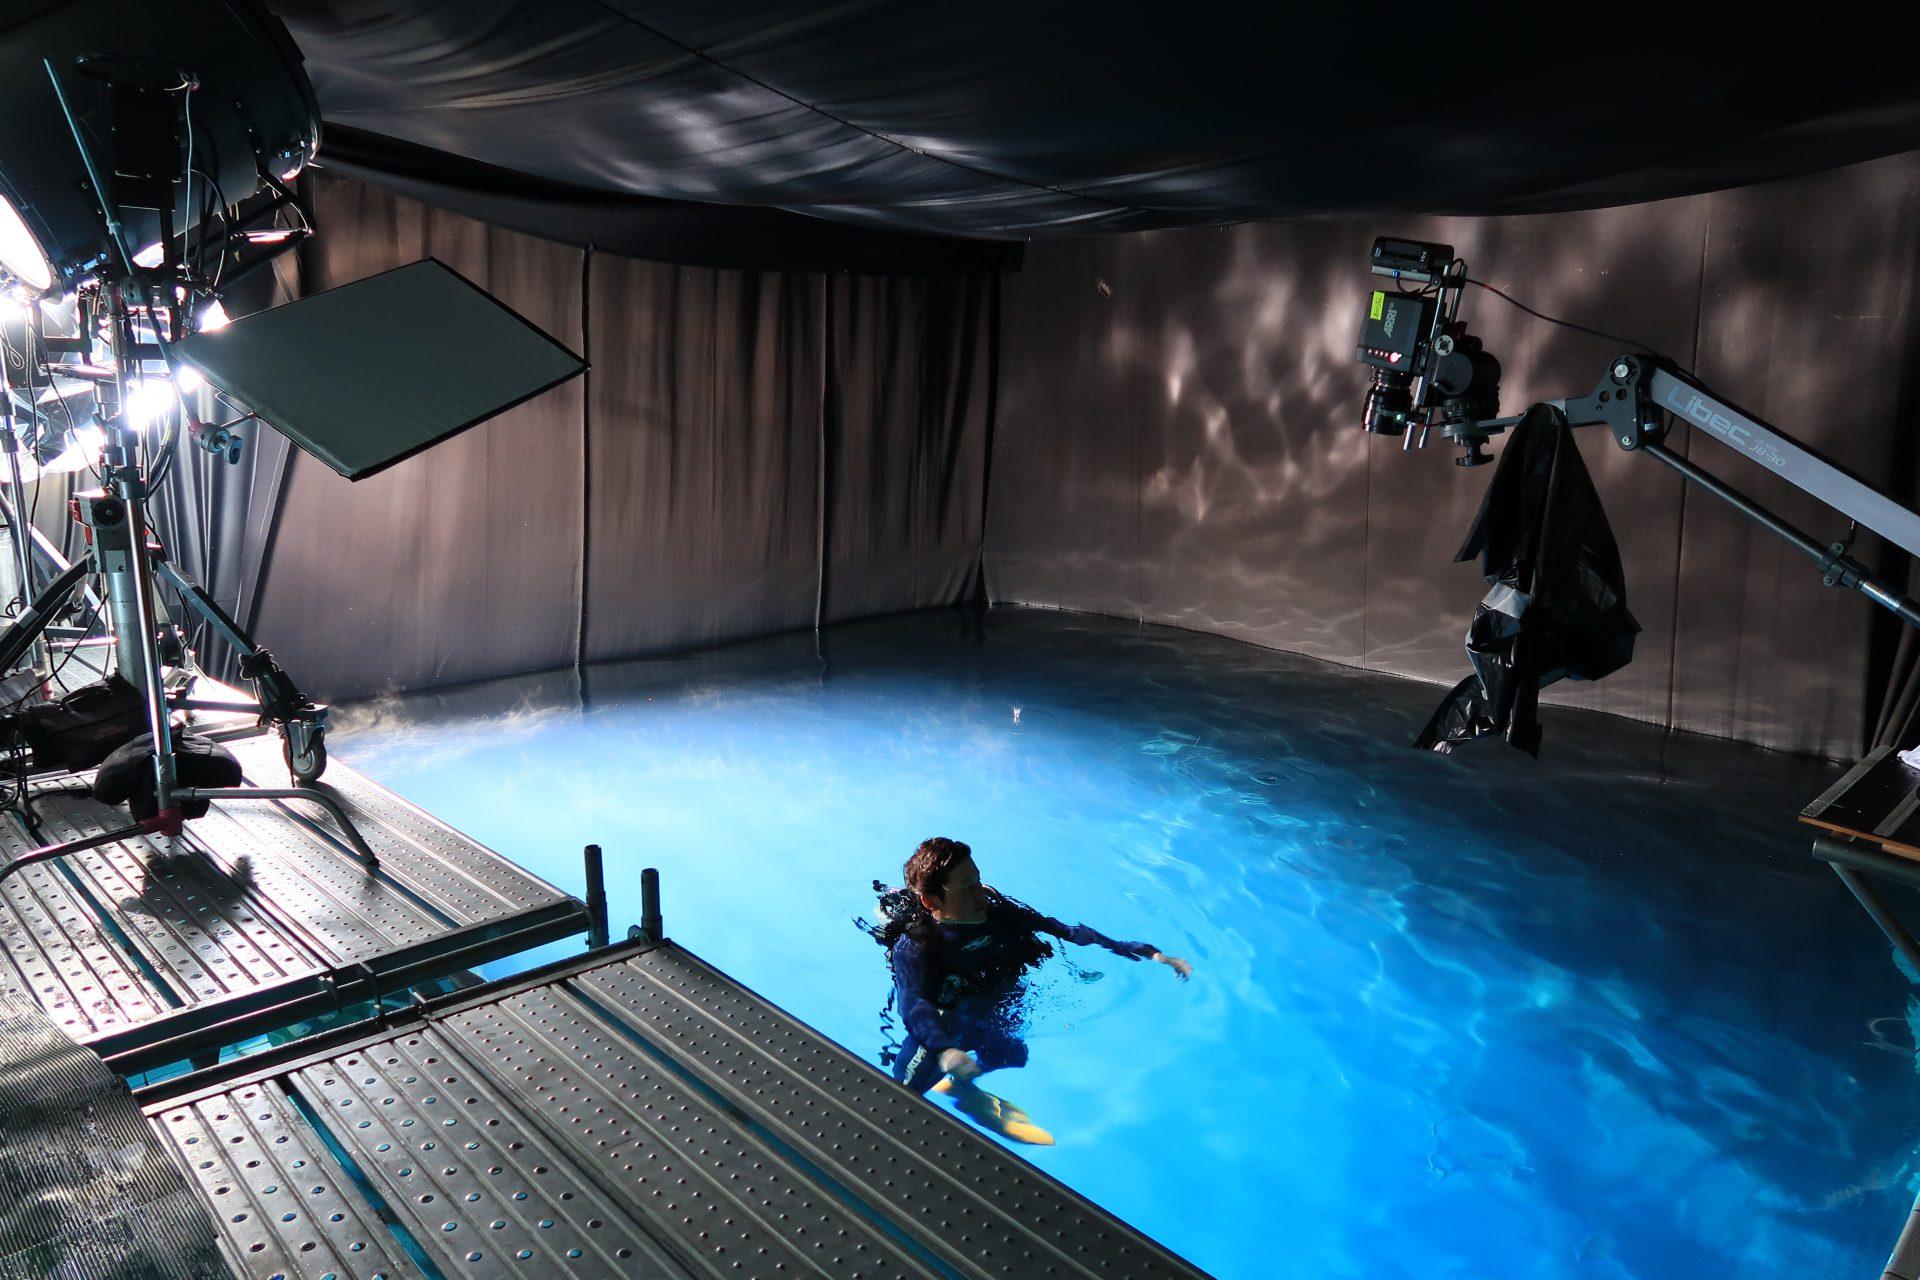 ダイビングプール 水中撮影 ロケーション |ジール撮影事業部